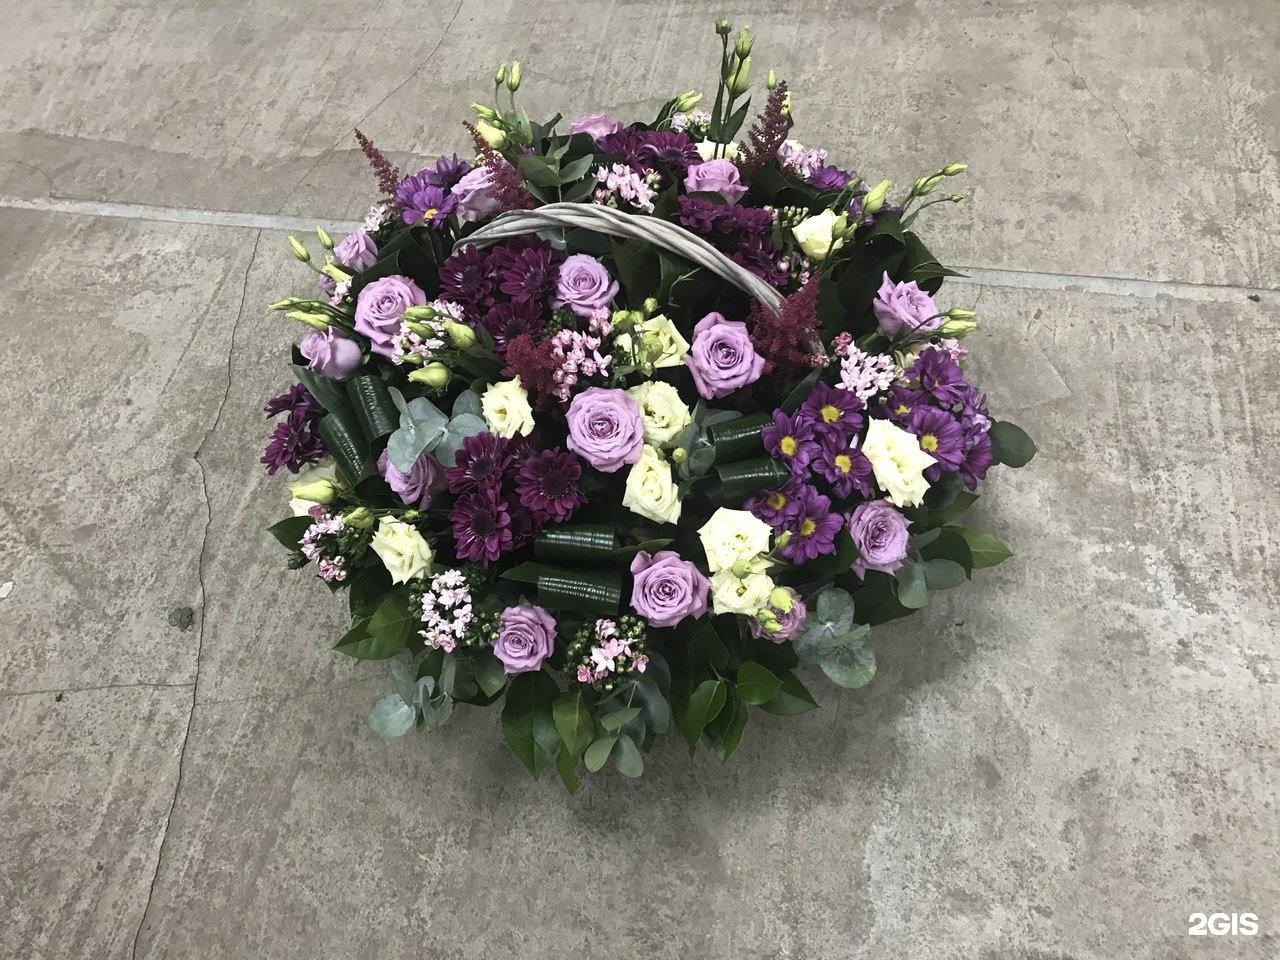 Купить оптом цветы круглосуточно липецк, роз ред наоми